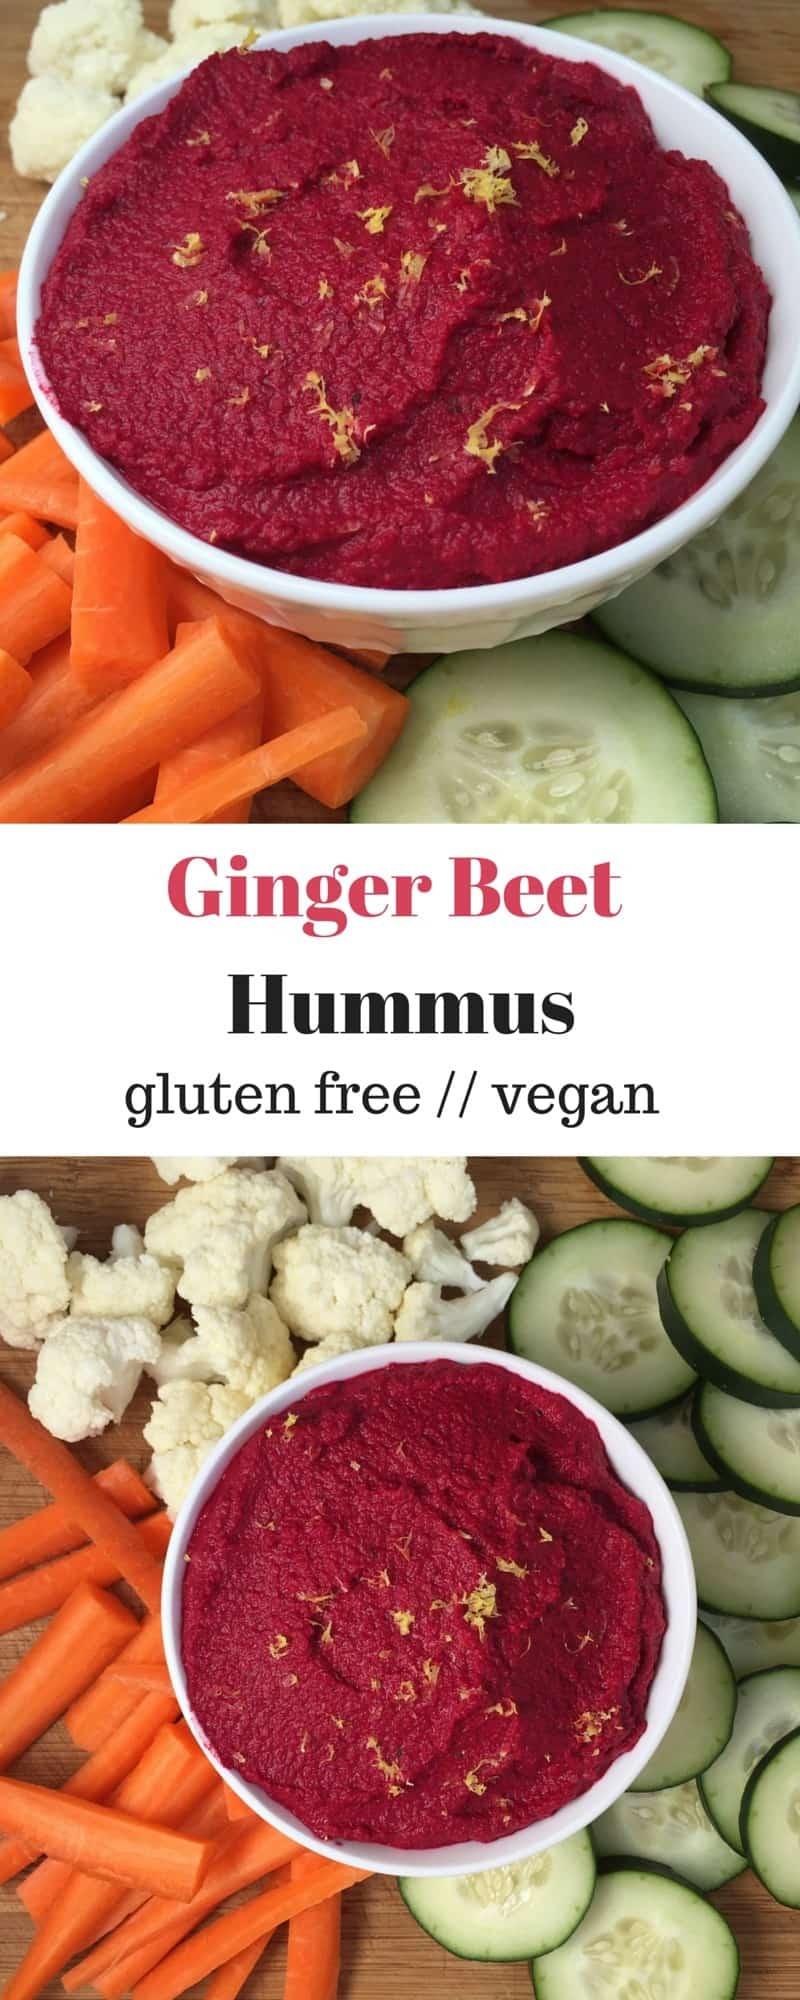 Ginger Beet Hummus